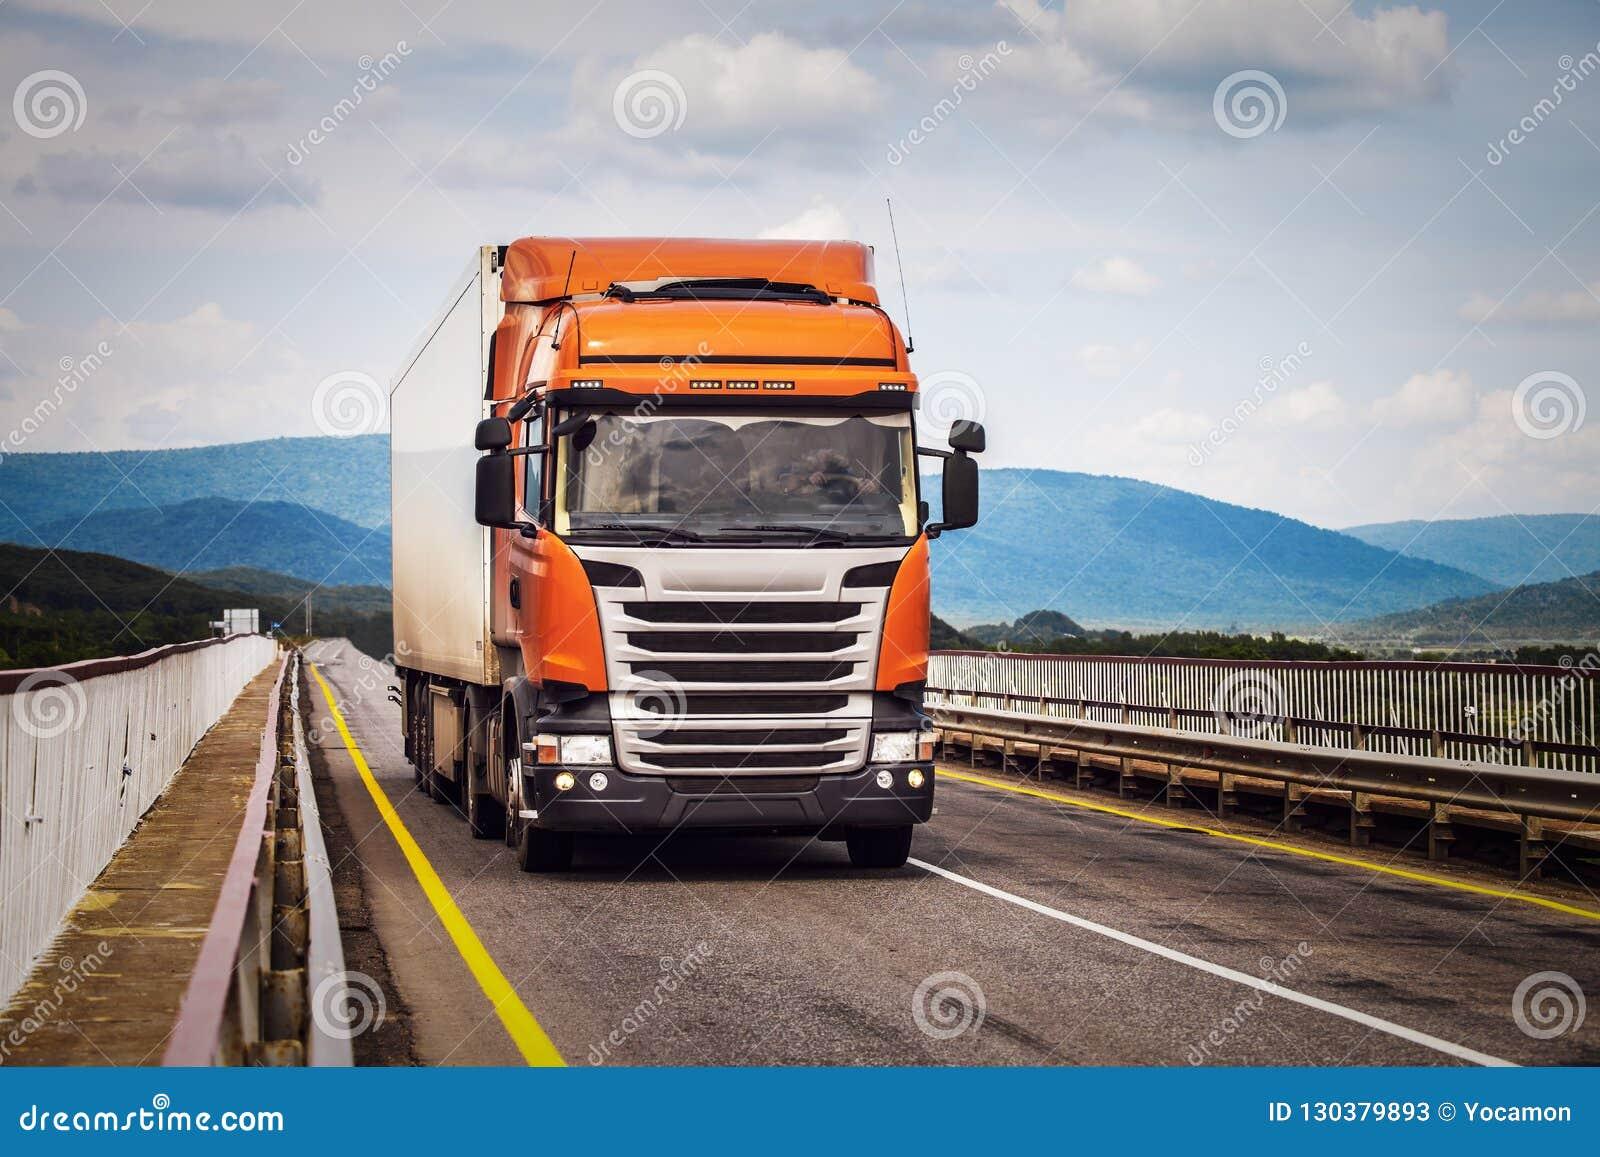 Orange LKW auf einer Straße